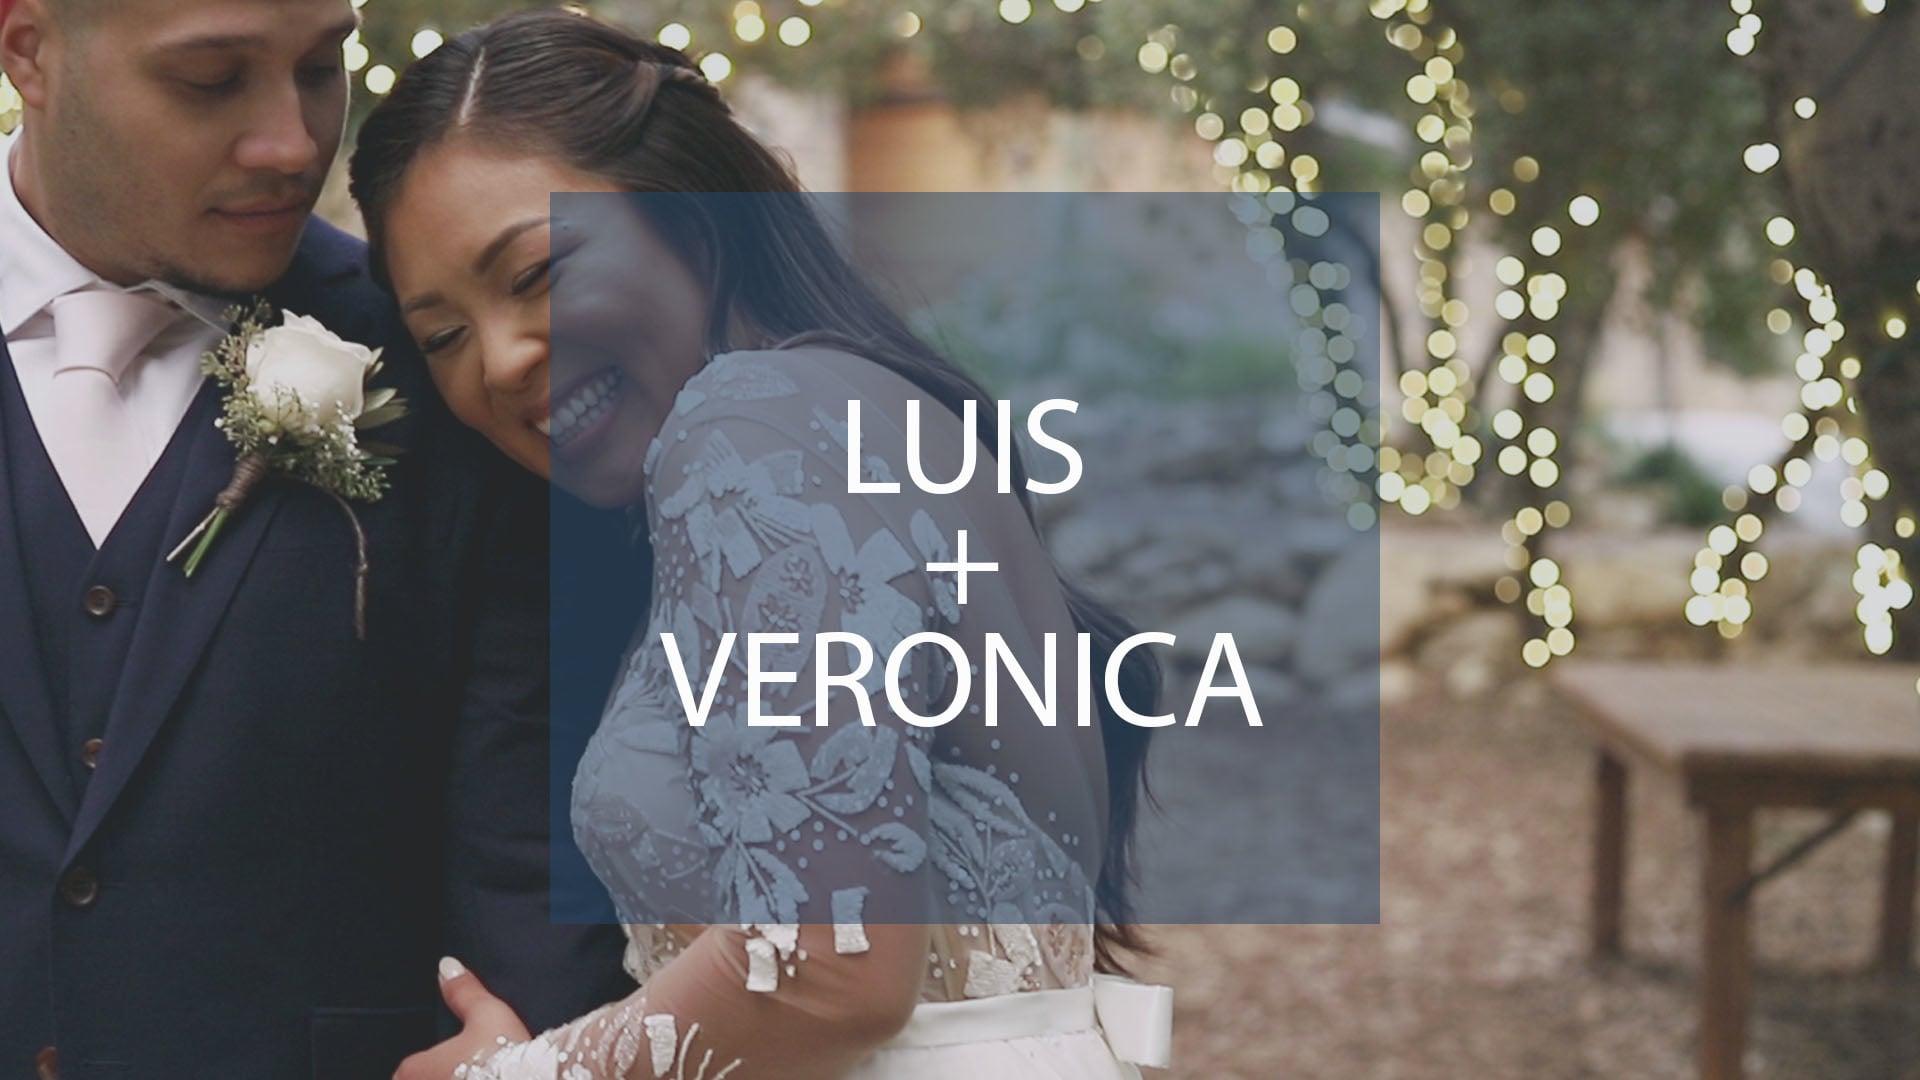 Luis + Veronica